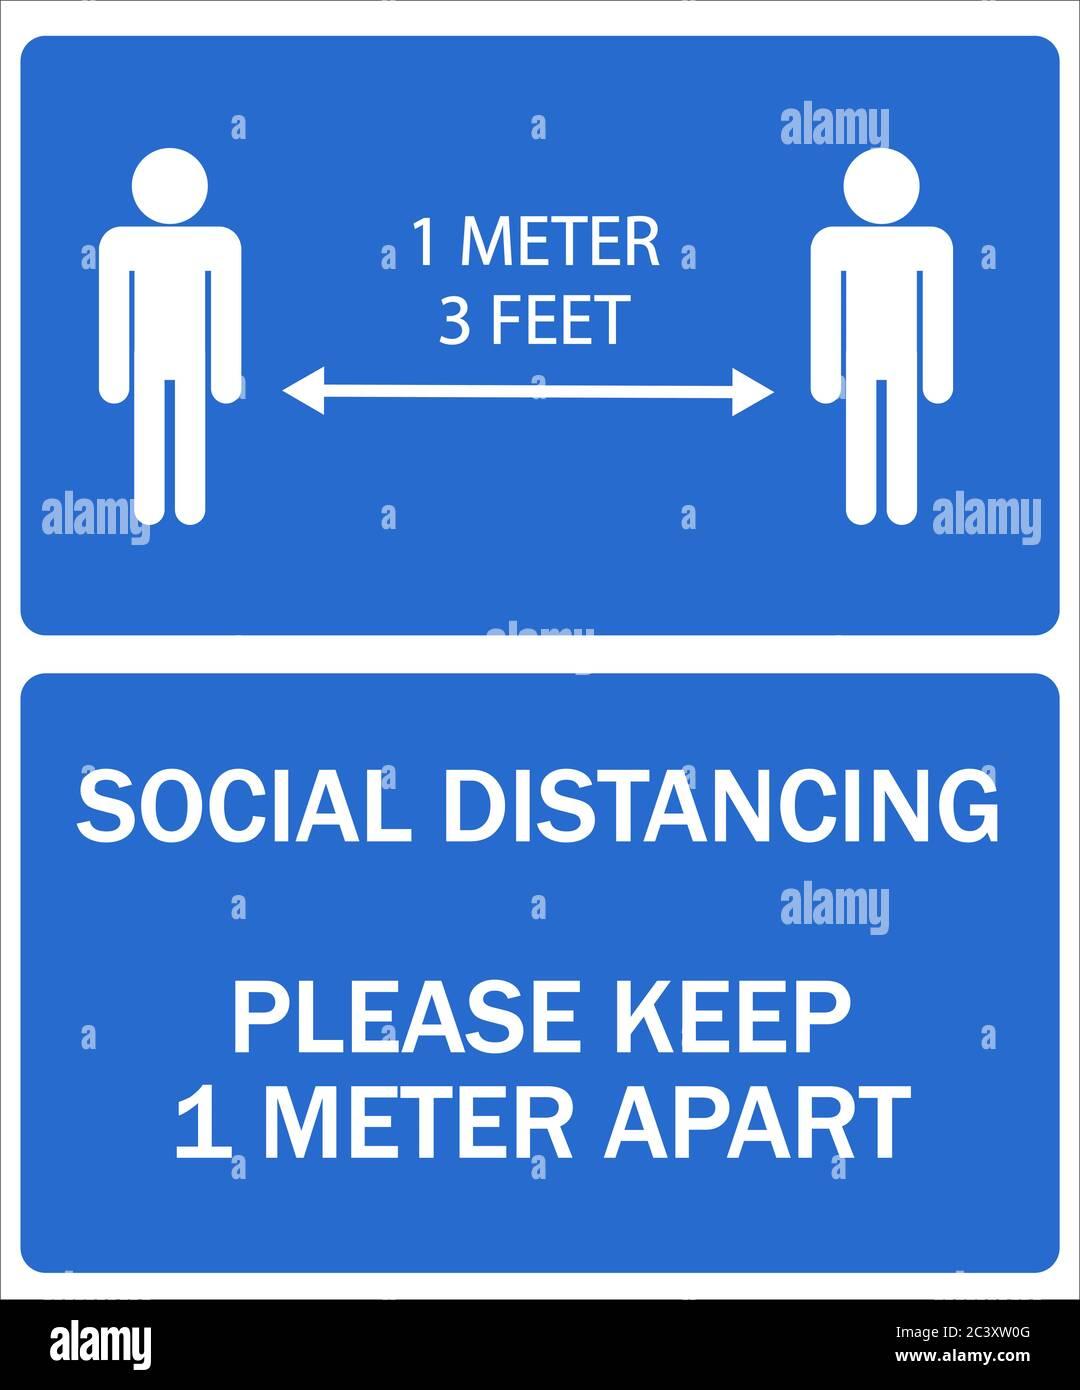 1 meter in feet